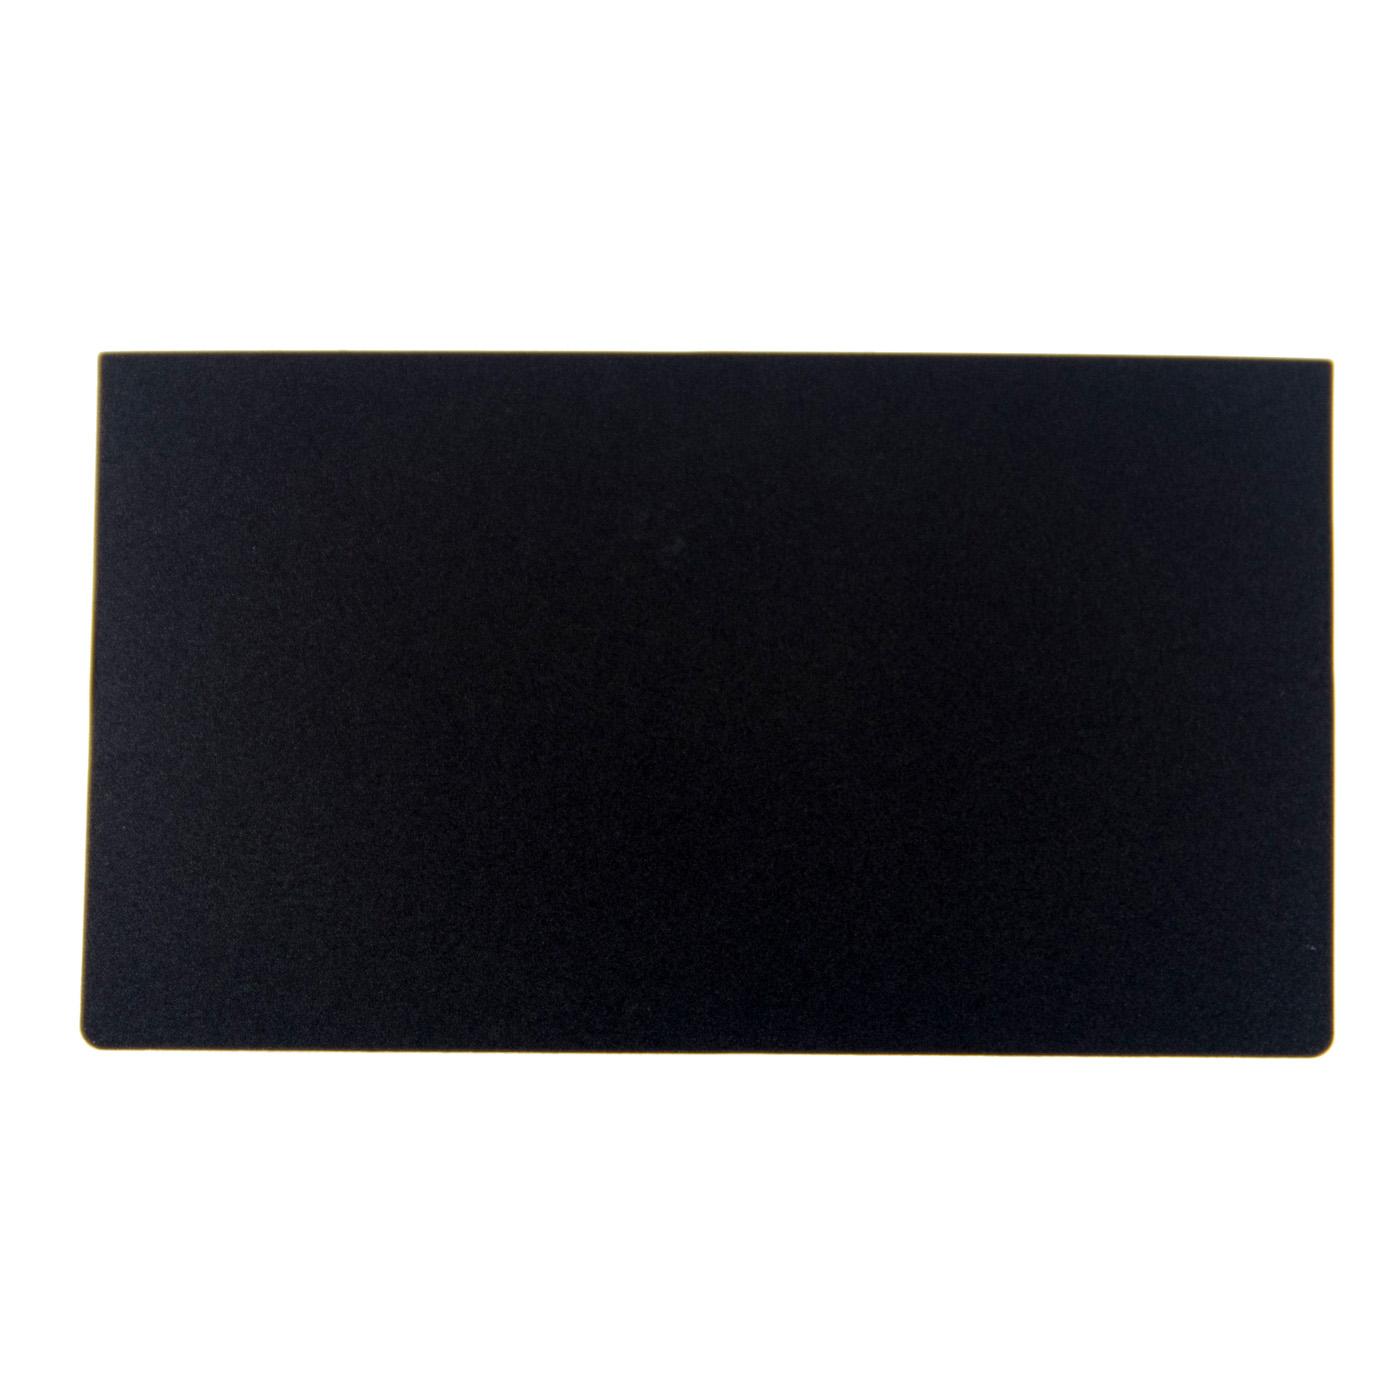 Naklejka touchpad Lenovo T450 T460 T450S T550 T560 E550